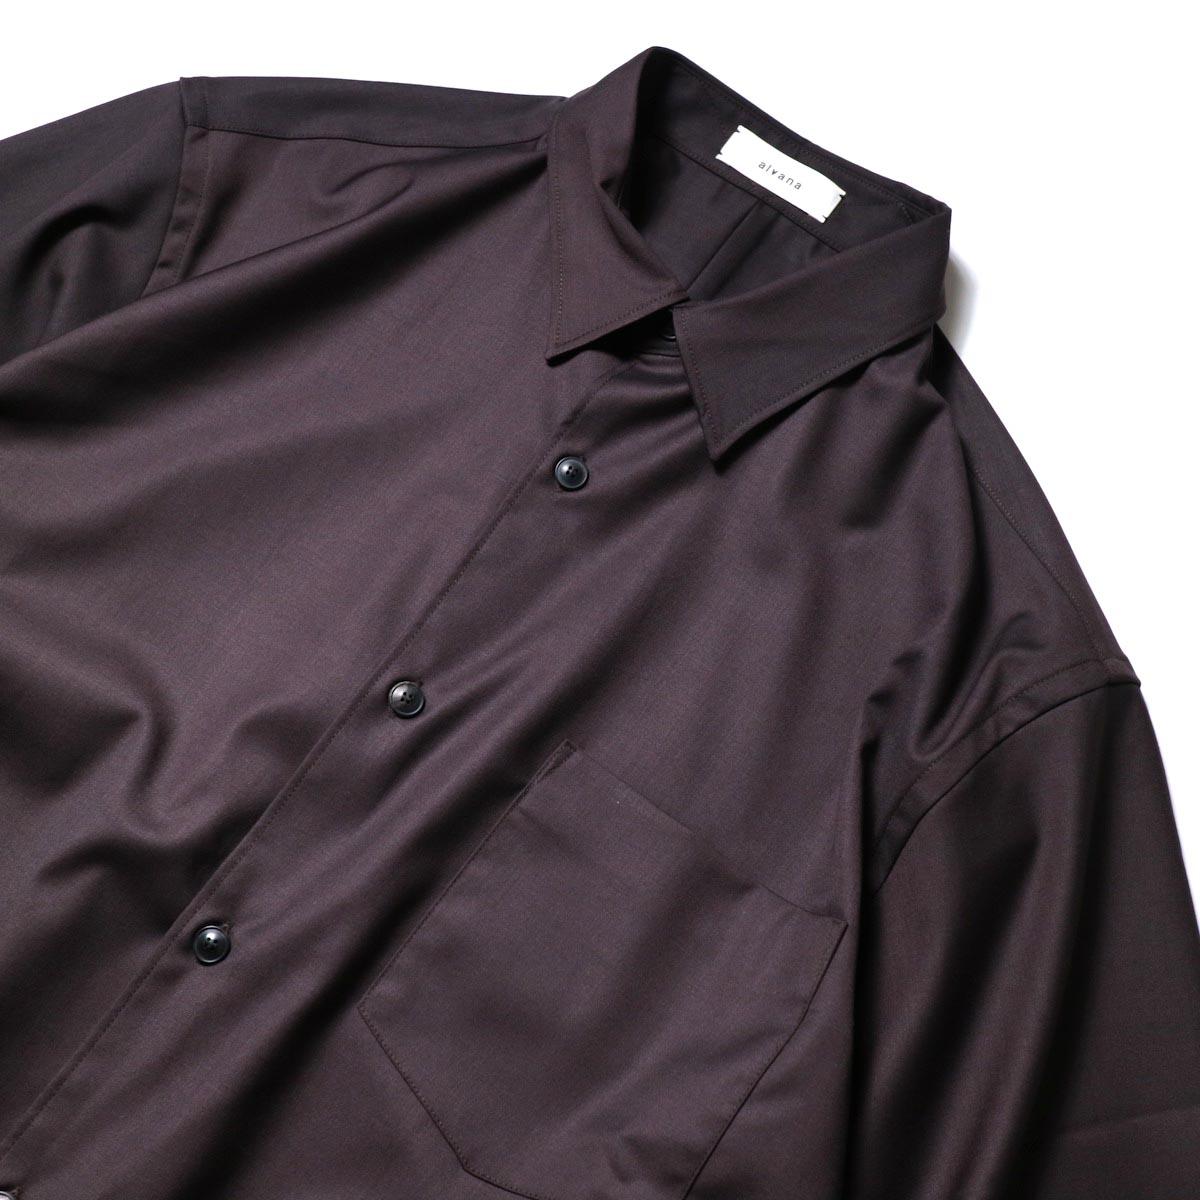 alvana / Wrinkle Proof Shirts (Charcoal)襟